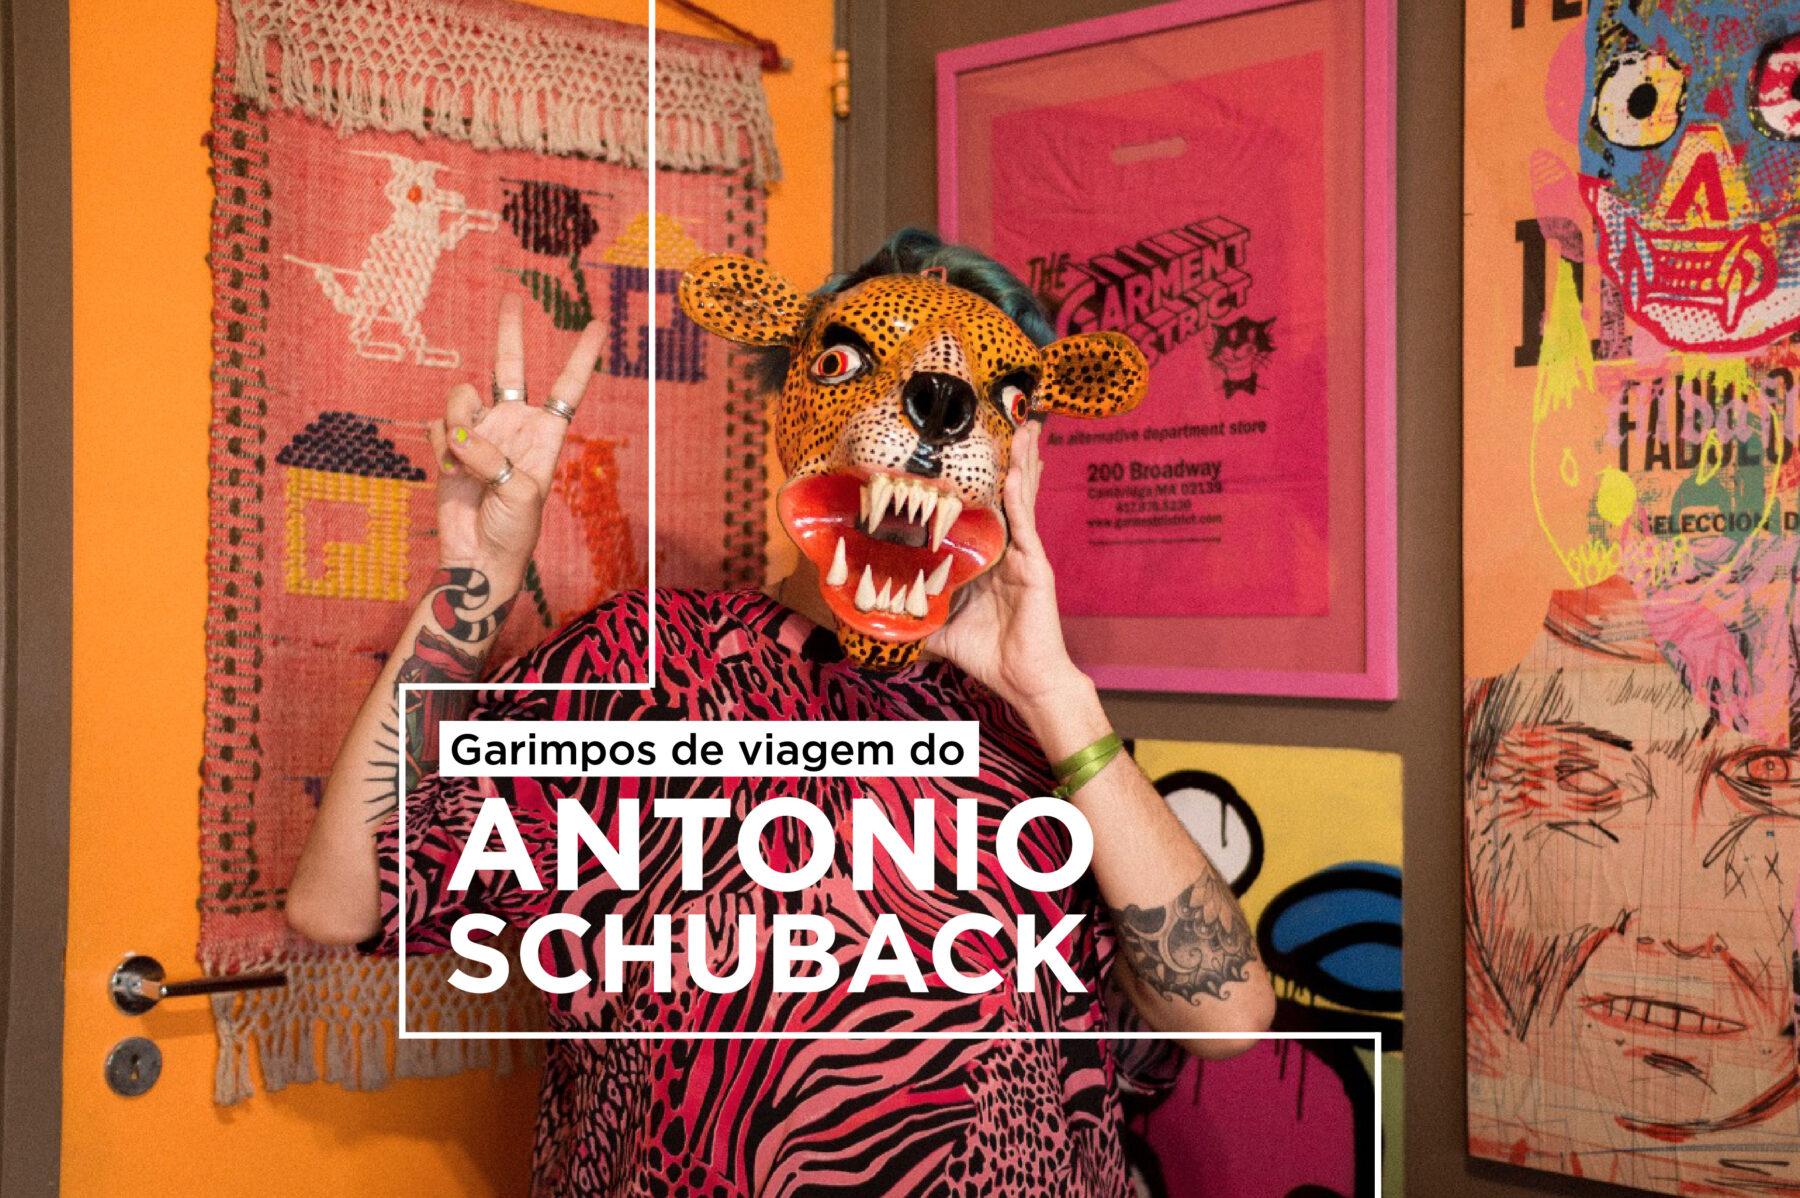 capa do video do antonio schuback sobre viagem